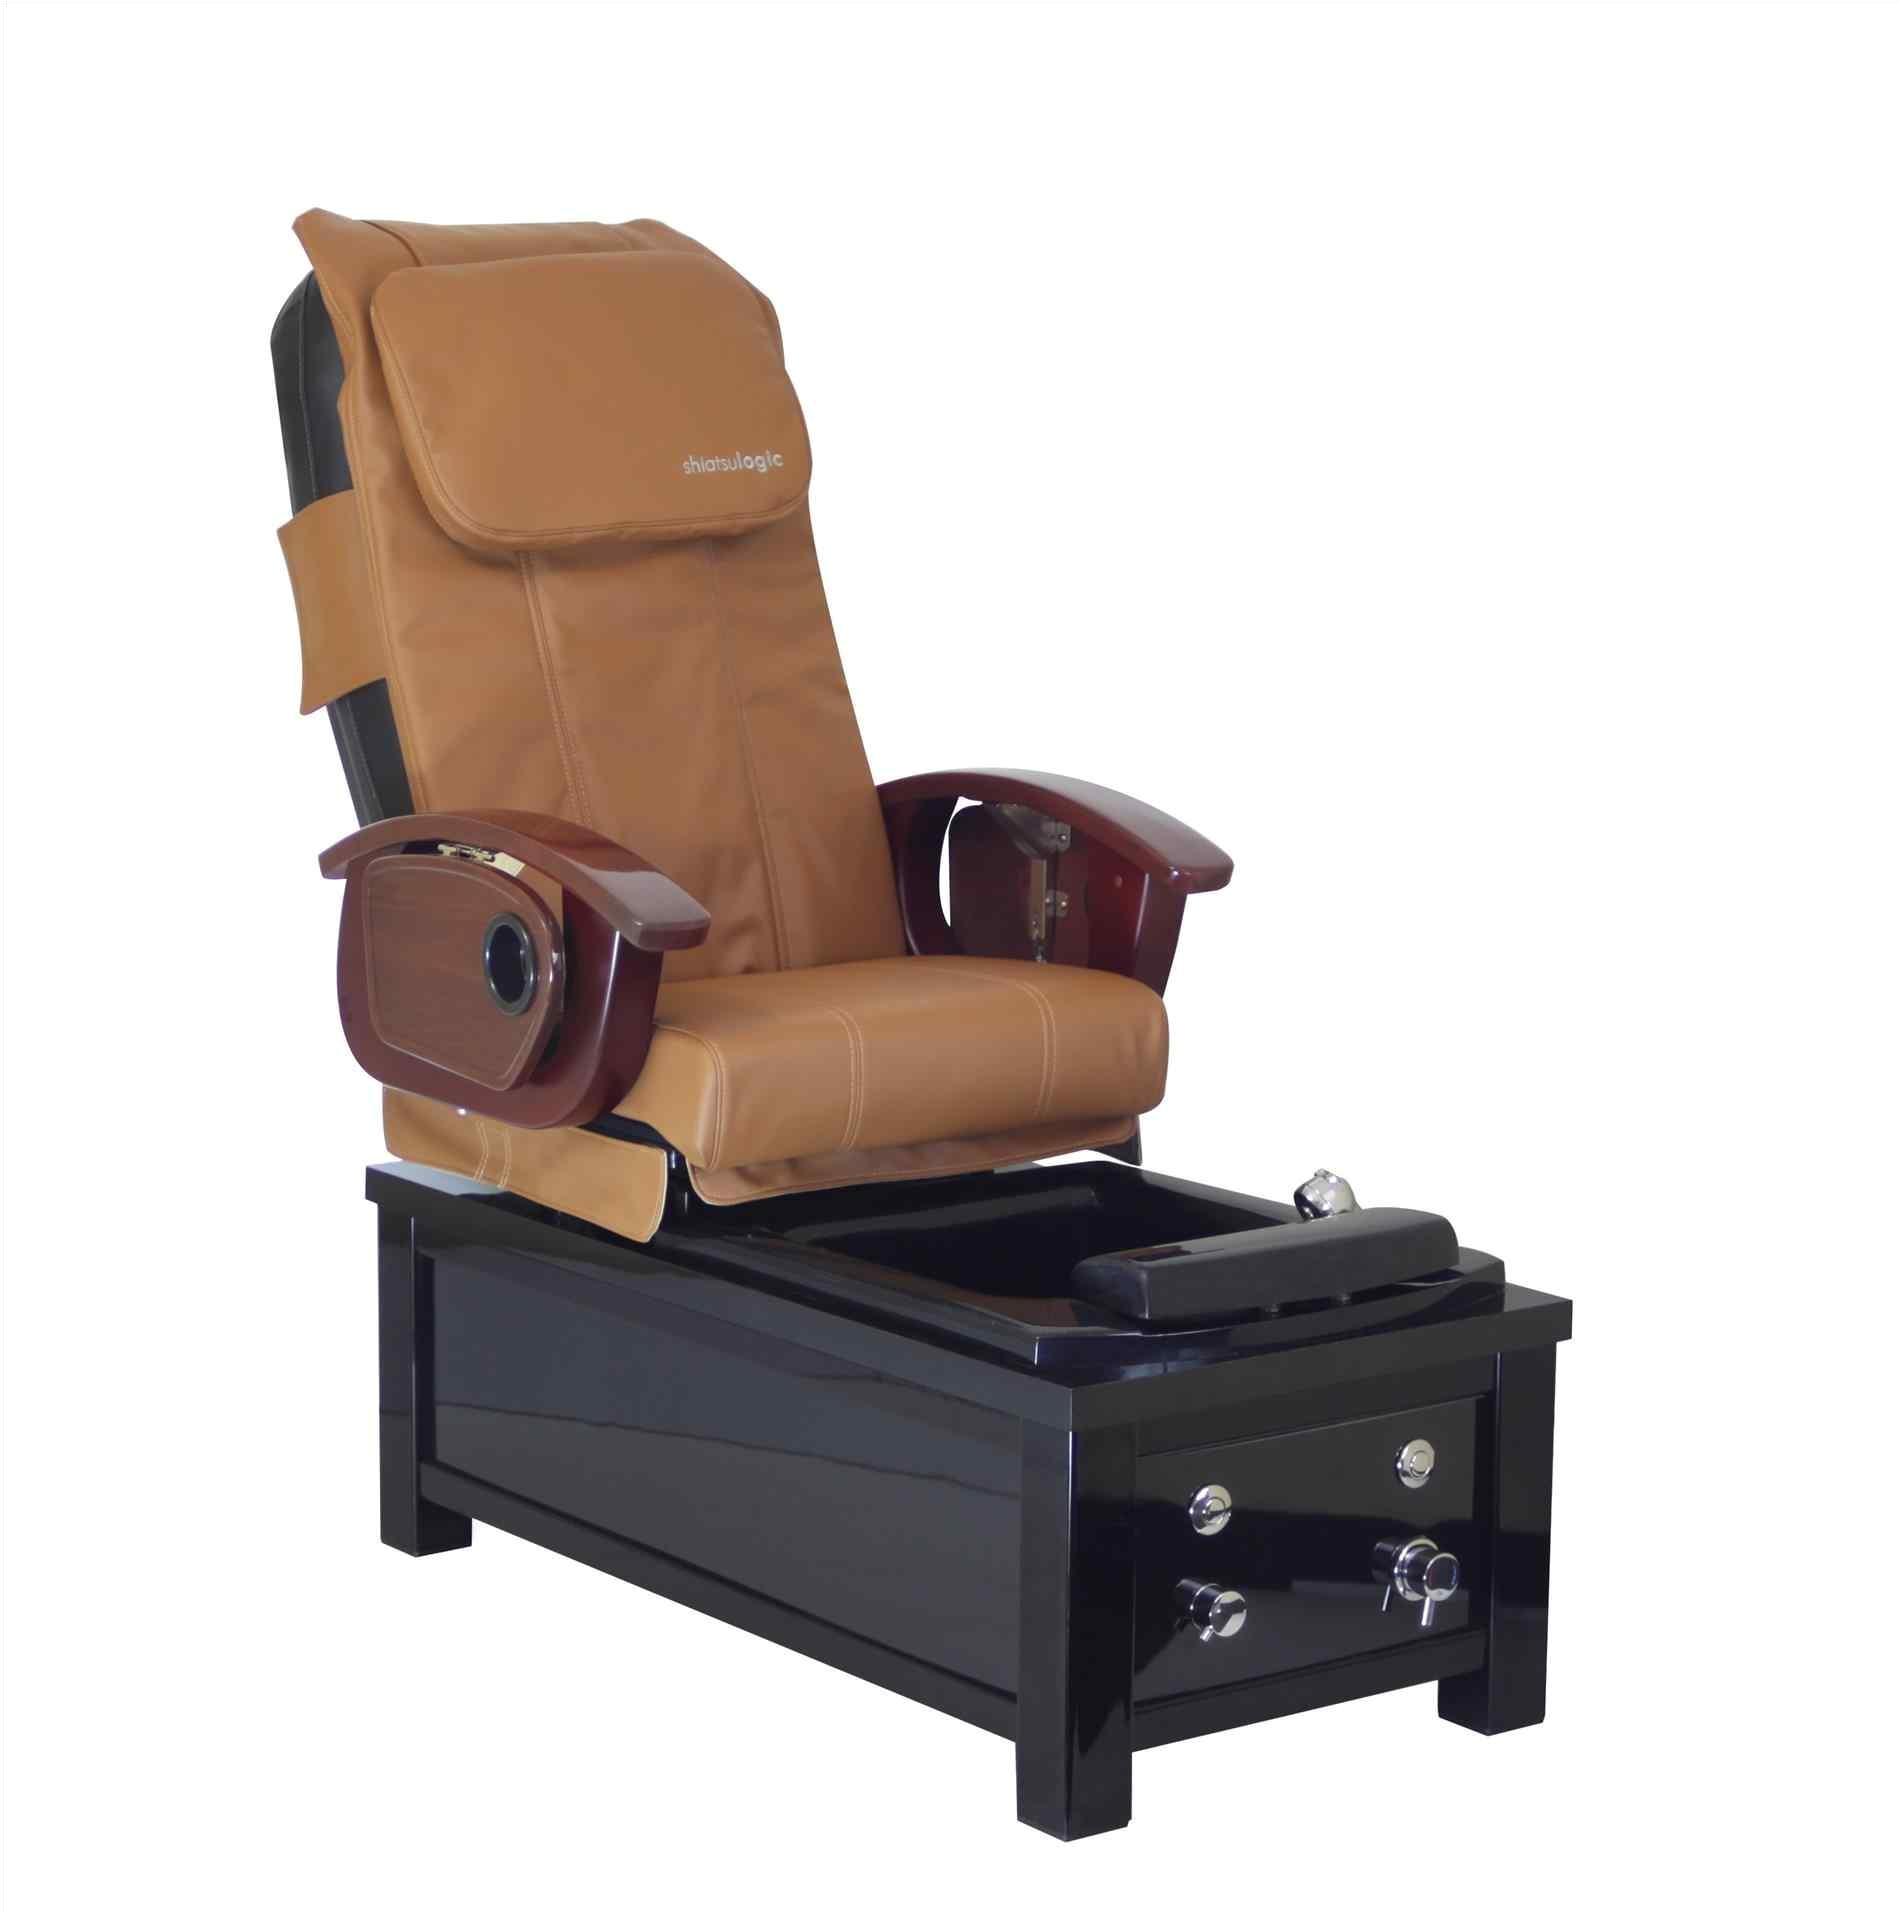 Gulfstream Pedicure Chair Covers Pedicure Chairs Modern Design Furniture